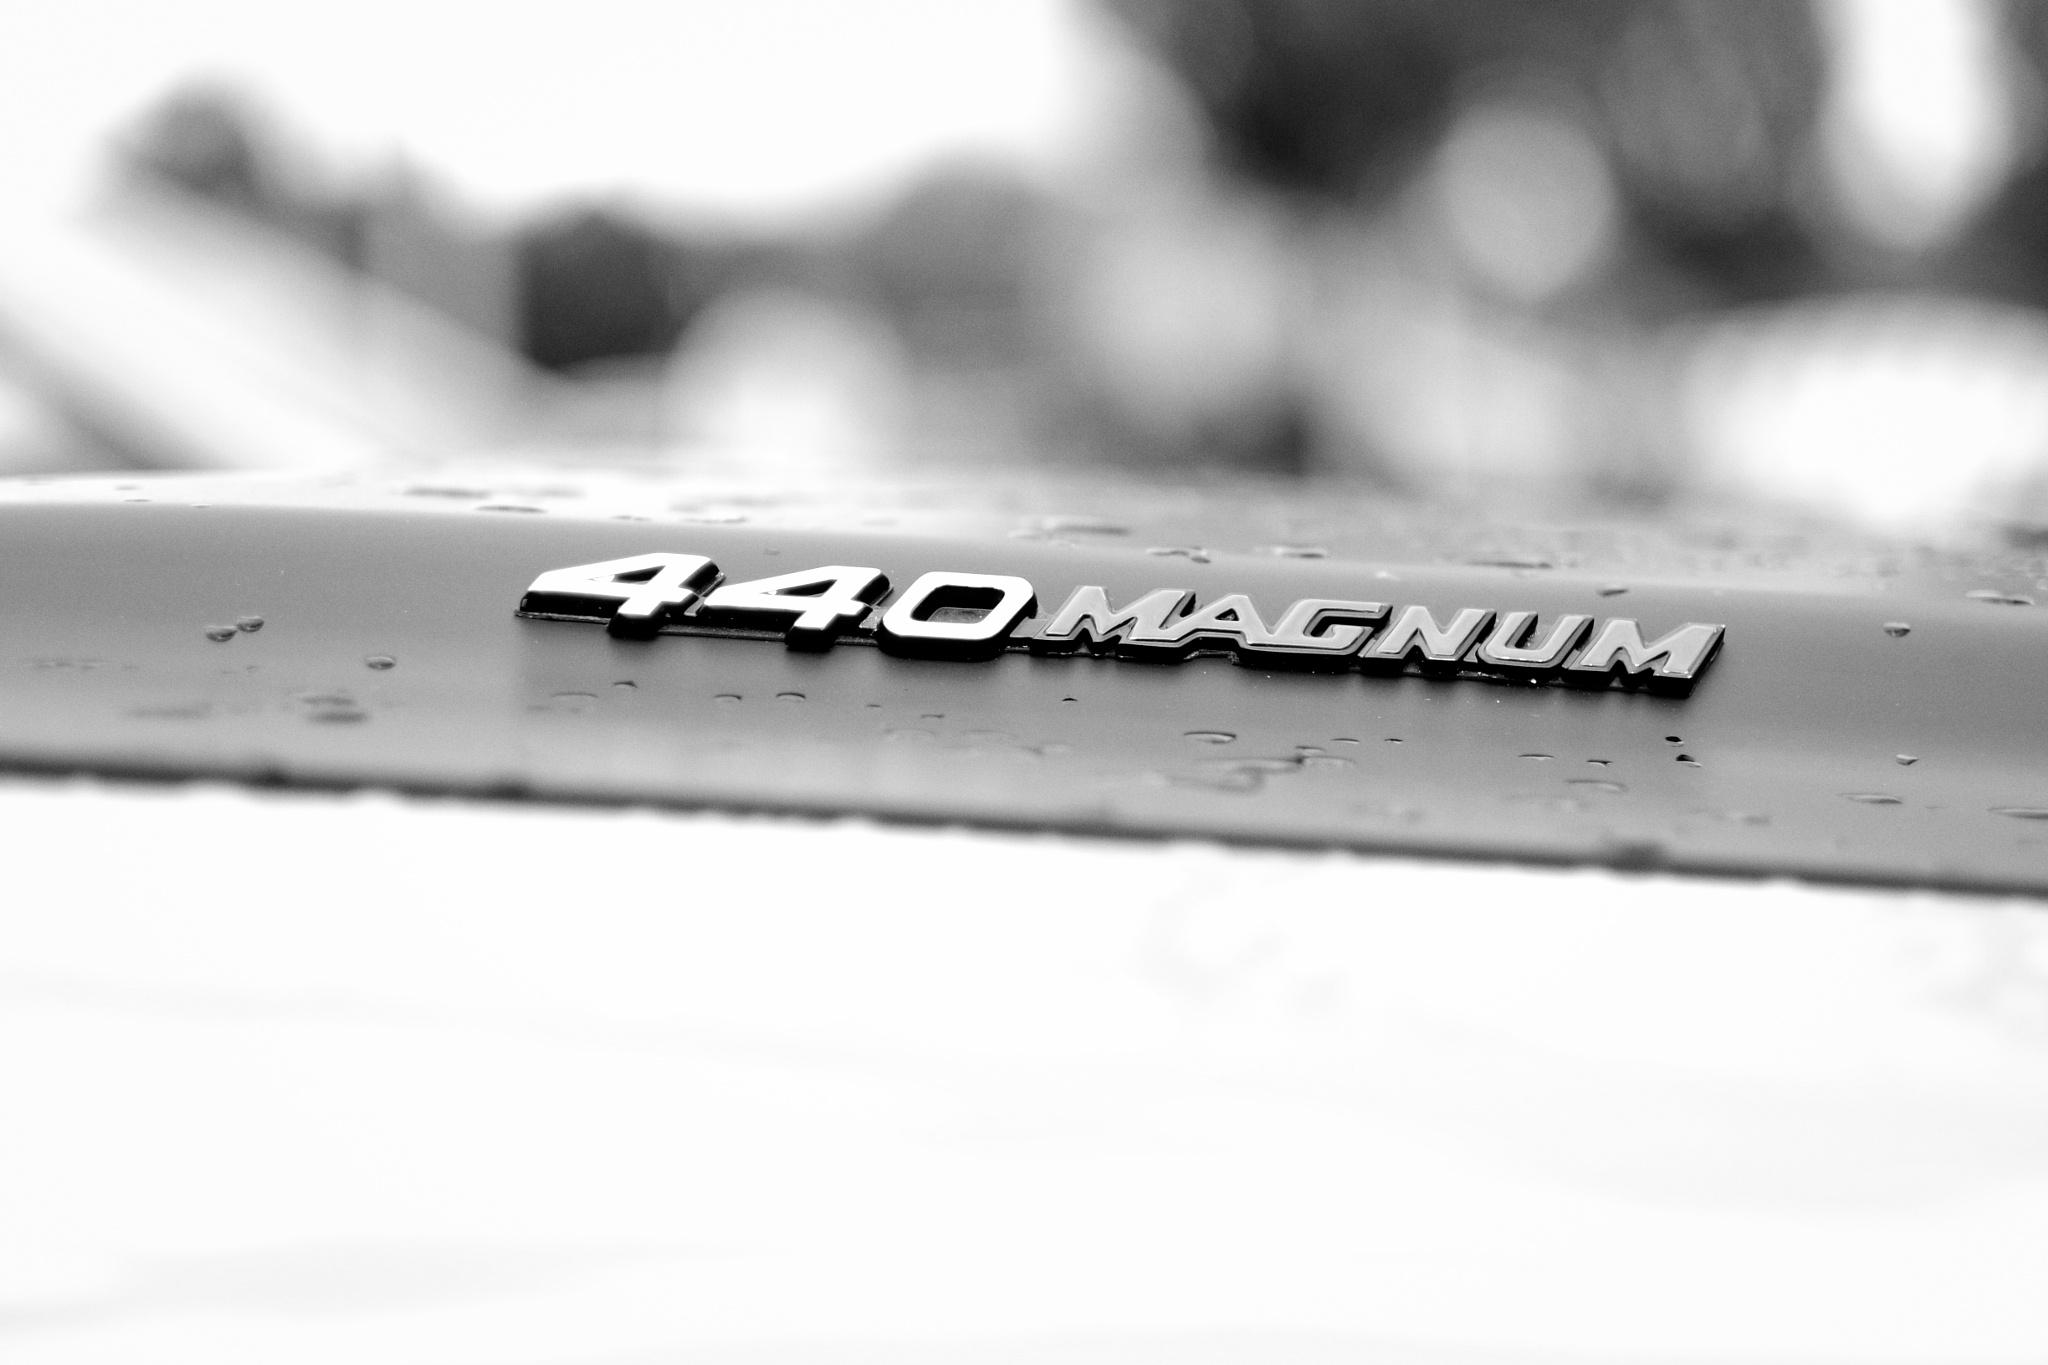 440 Magnum by peterkryzun